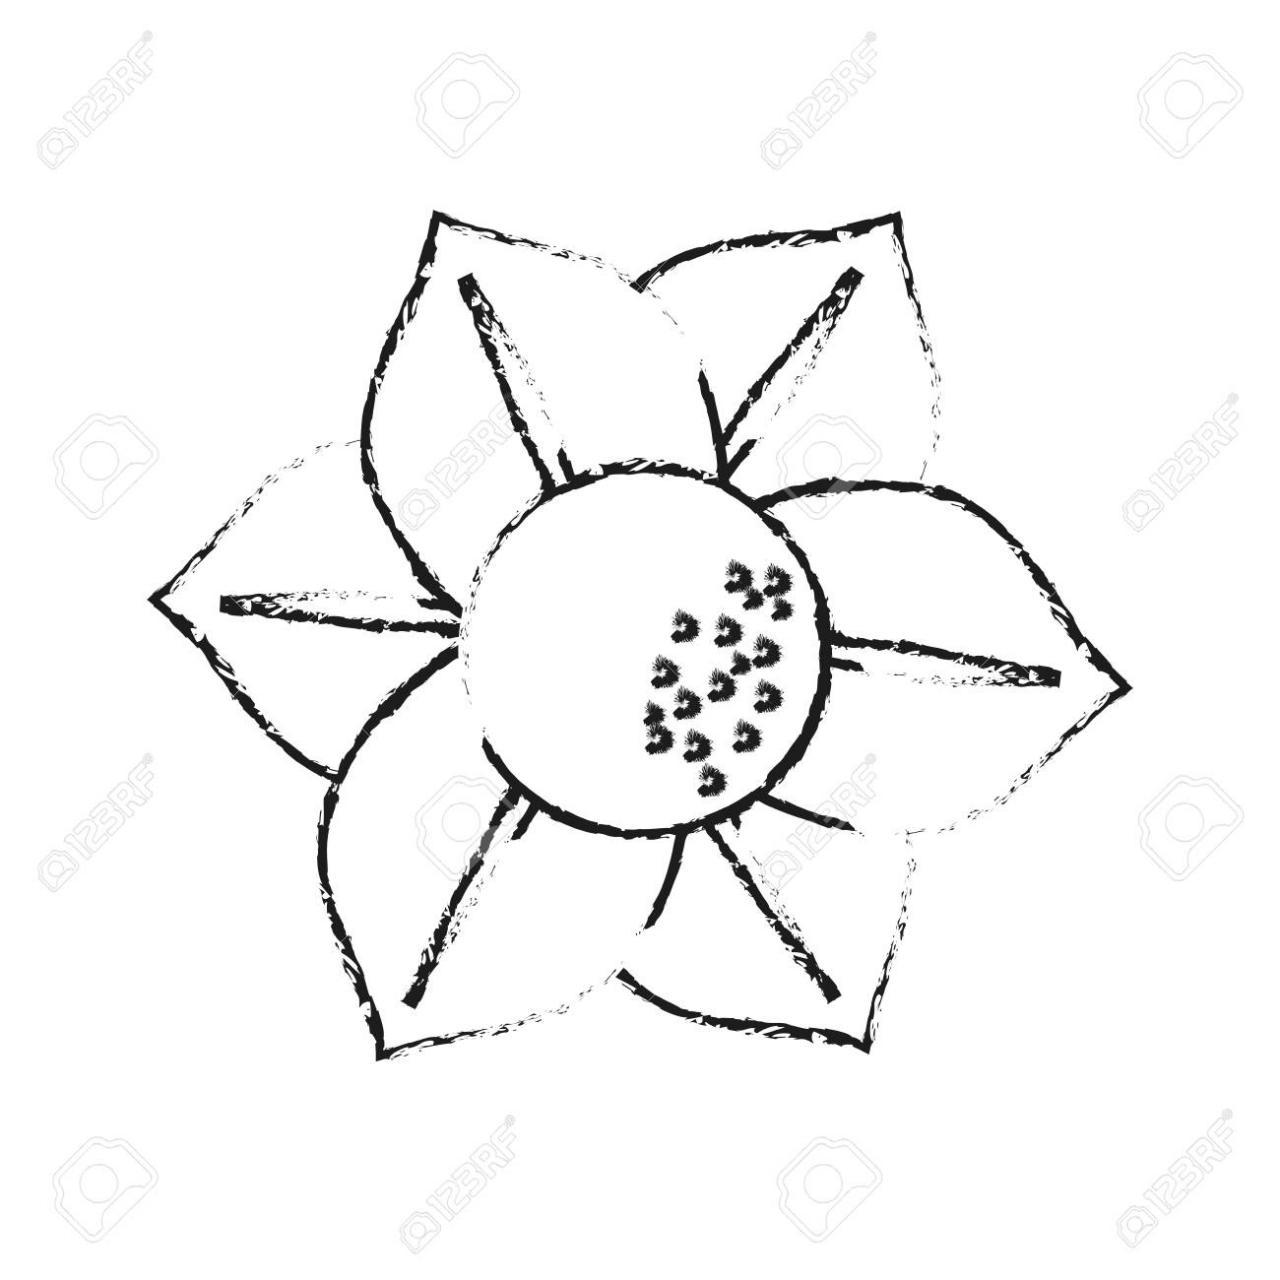 Ilustración de vector de imagen de icono de delicada flores pequeñas dibujar, dibujos de Flores Pequeñas, como dibujar Flores Pequeñas paso a paso